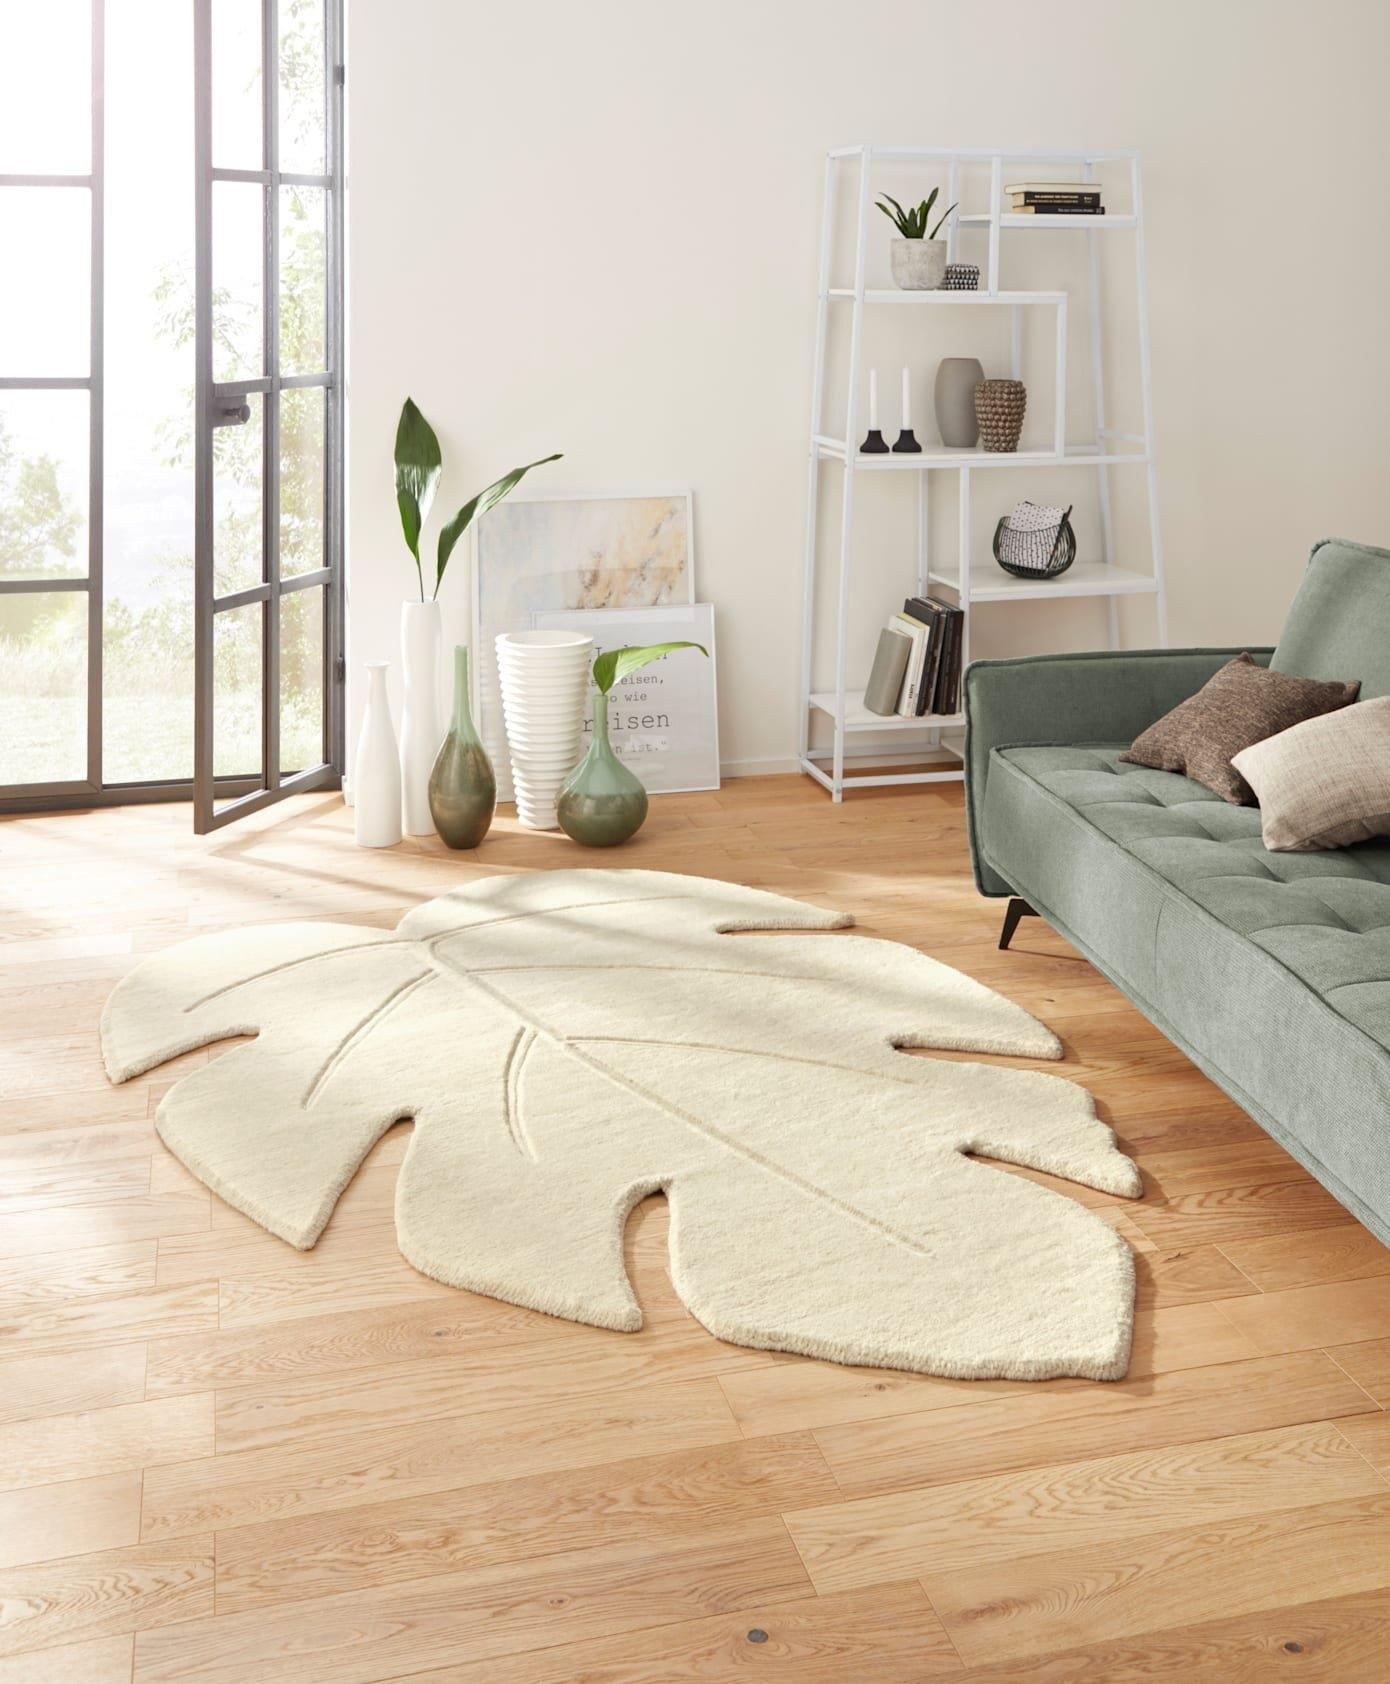 heine home Hoogpolig karpet voordelig en veilig online kopen